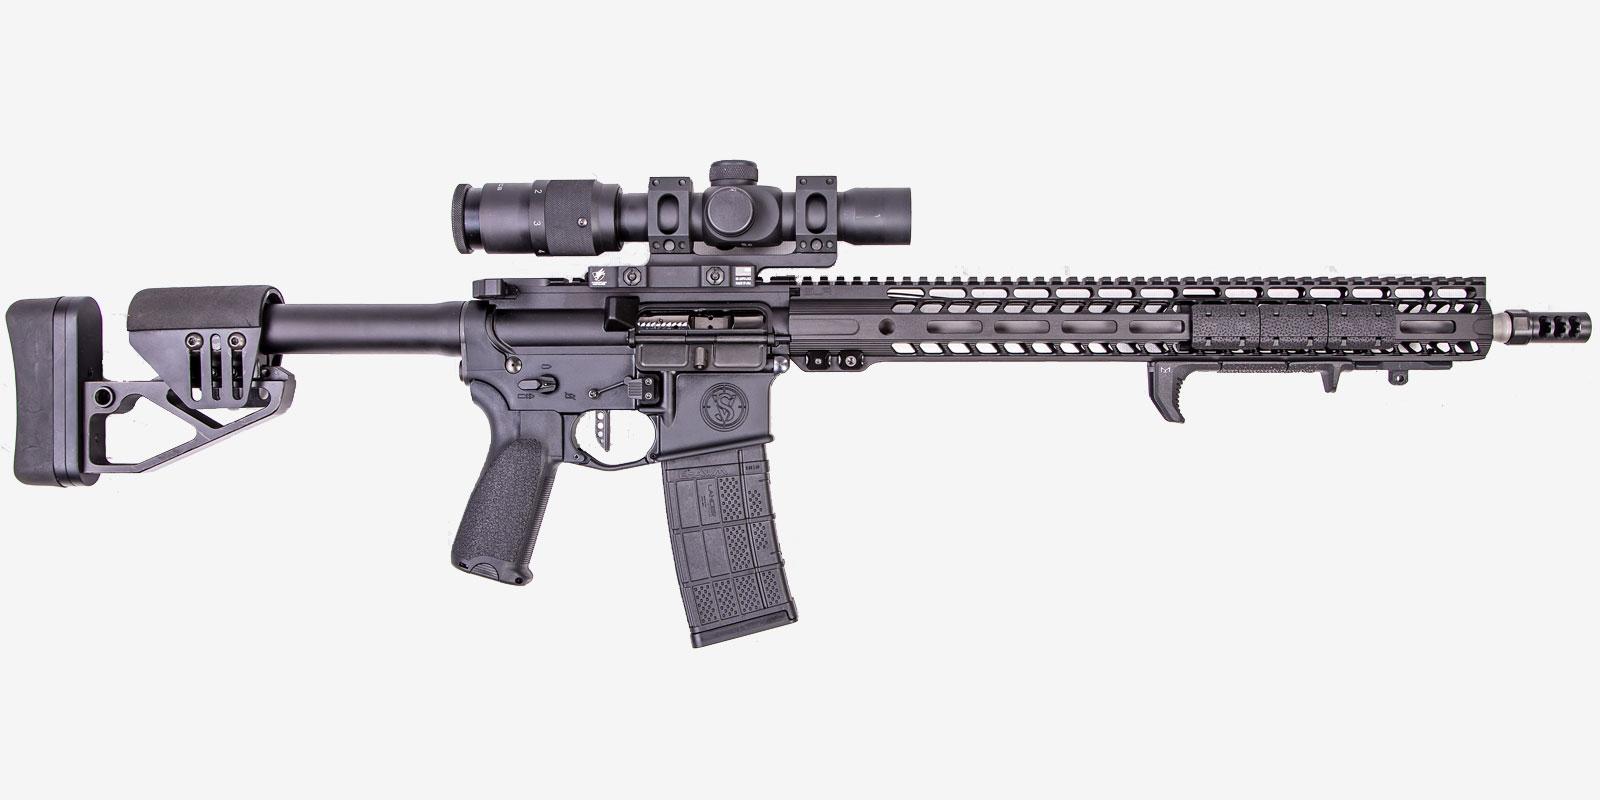 sv-18 ar rifle